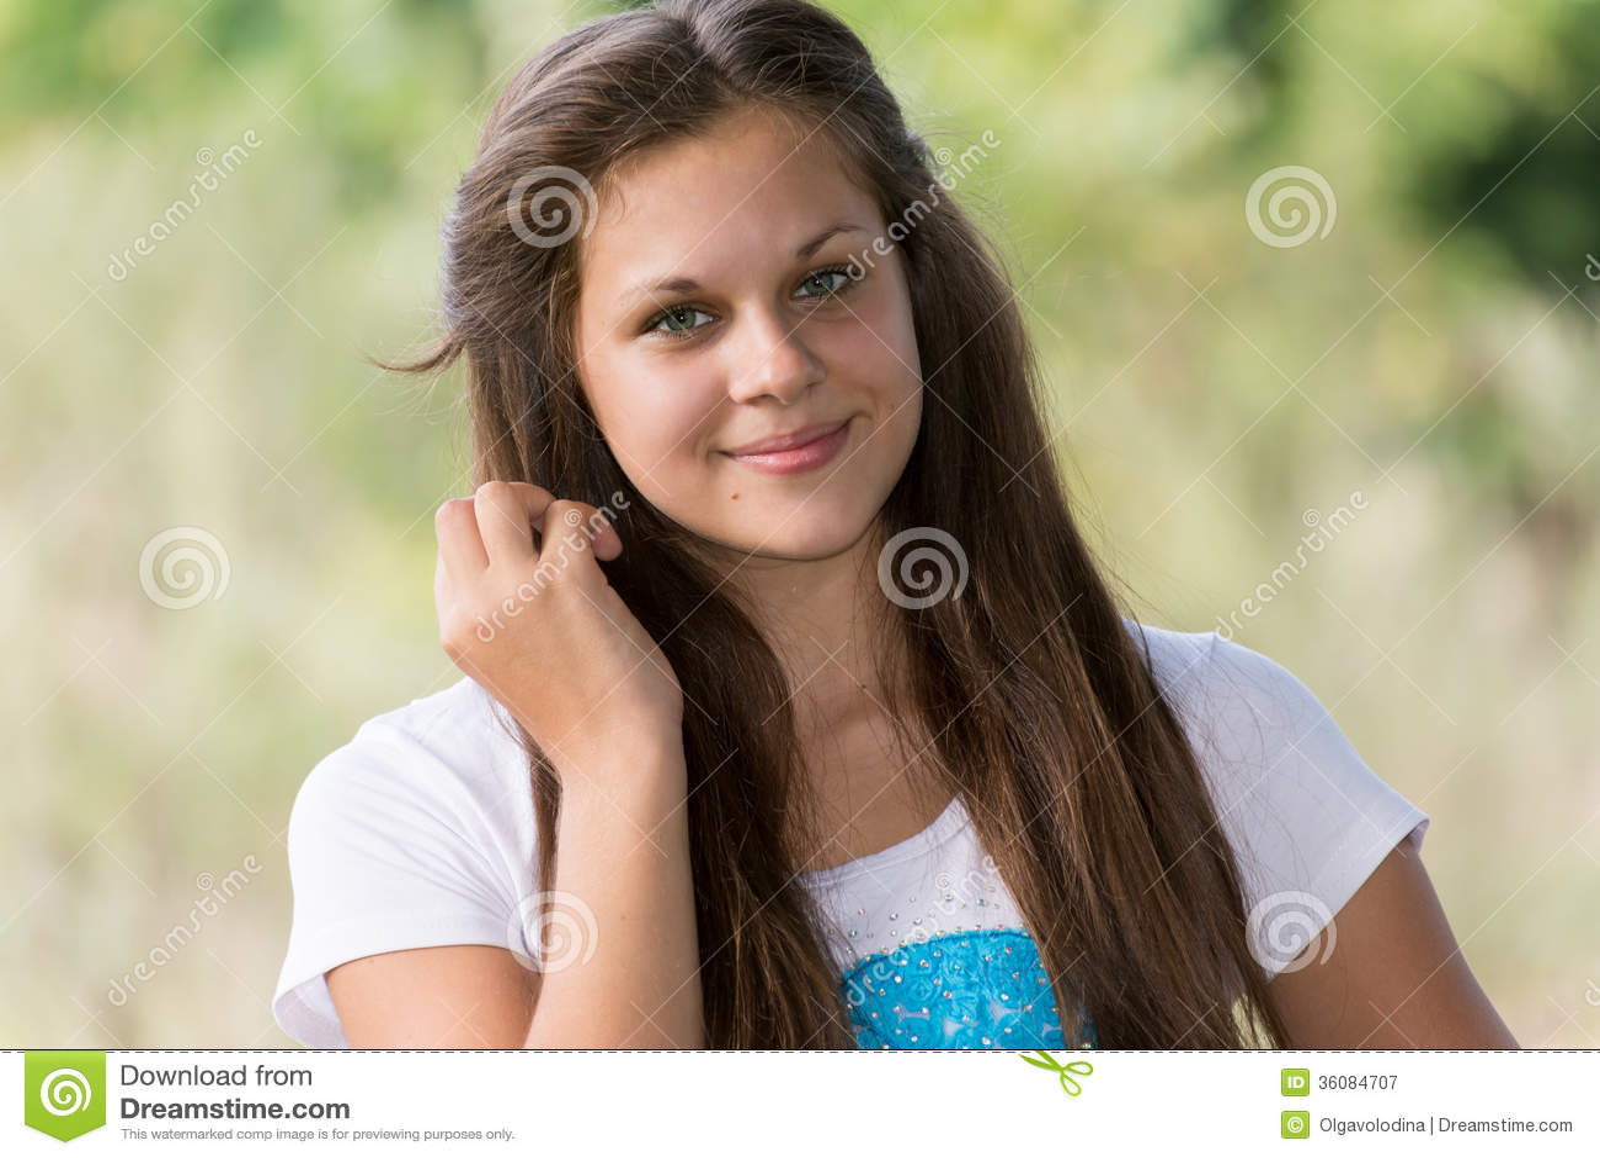 Porträt Ofa Mädchen 14 Jahre In Der Natur Stockbild Bild Von